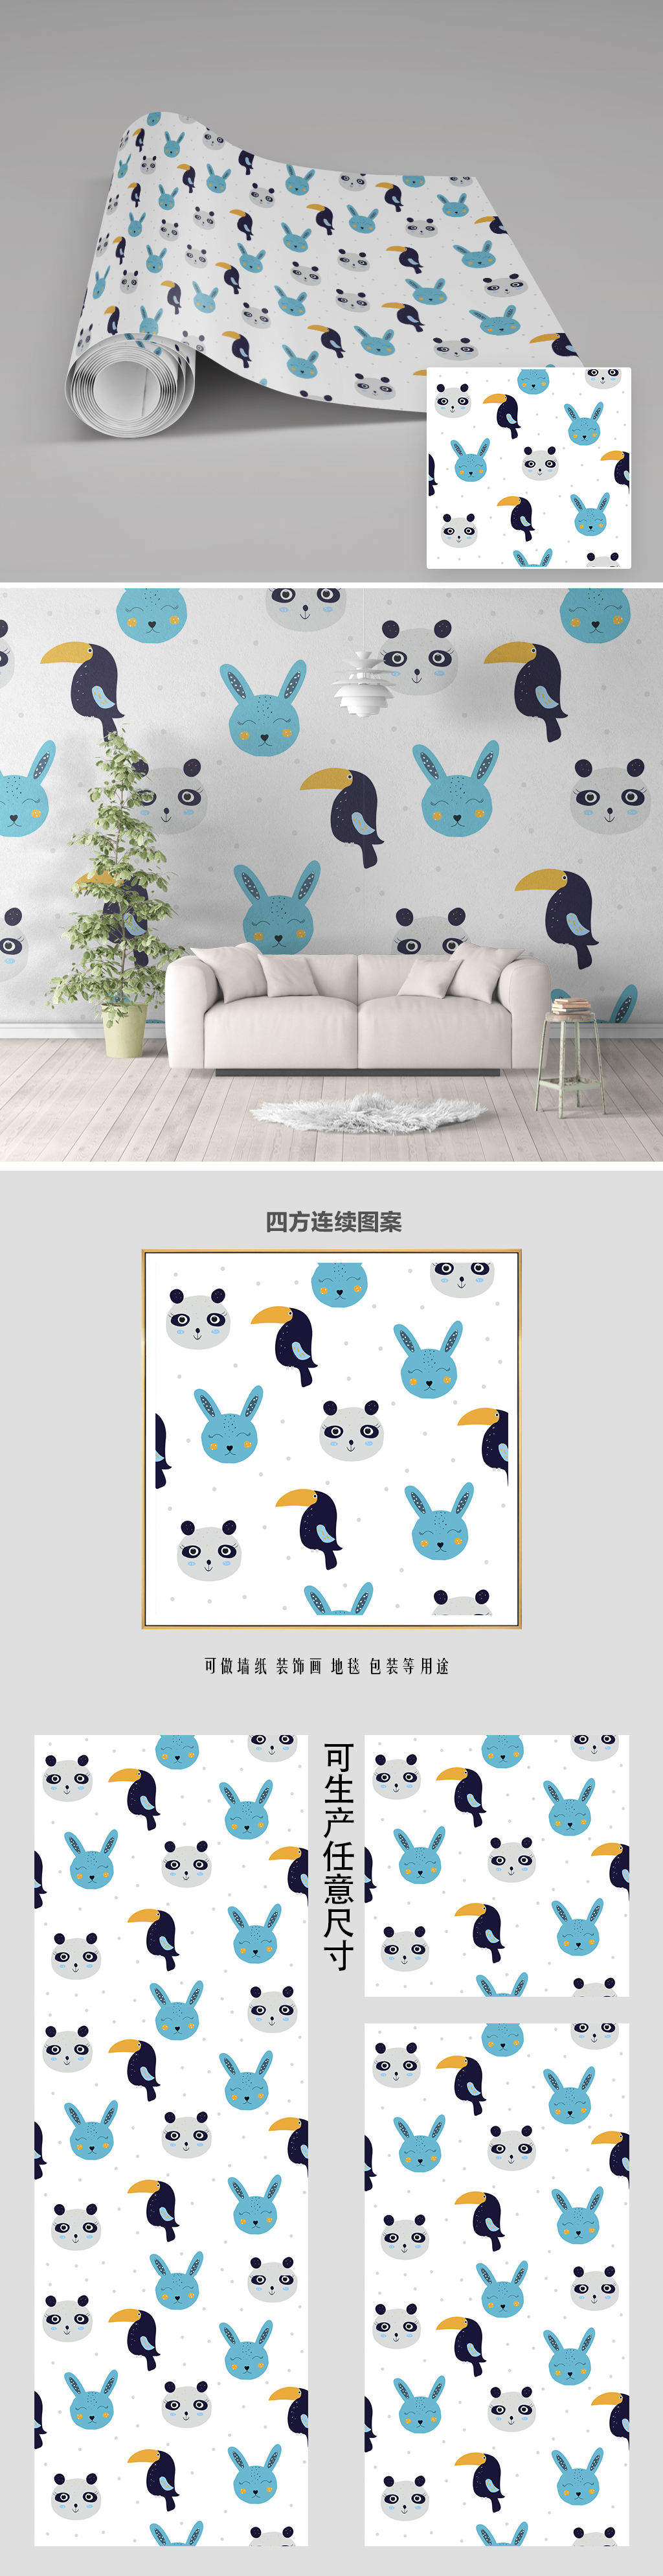 卡通动物矢量图案无缝墙纸